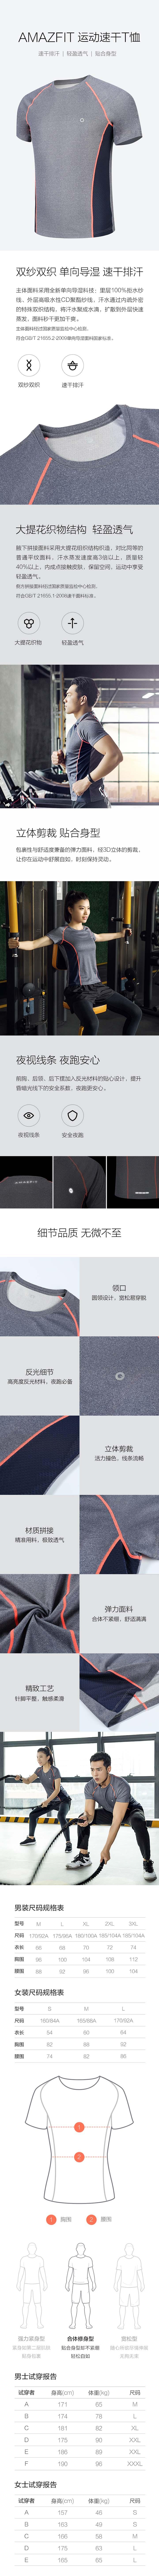 AMAZFIT运动速干T恤免费试用,评测